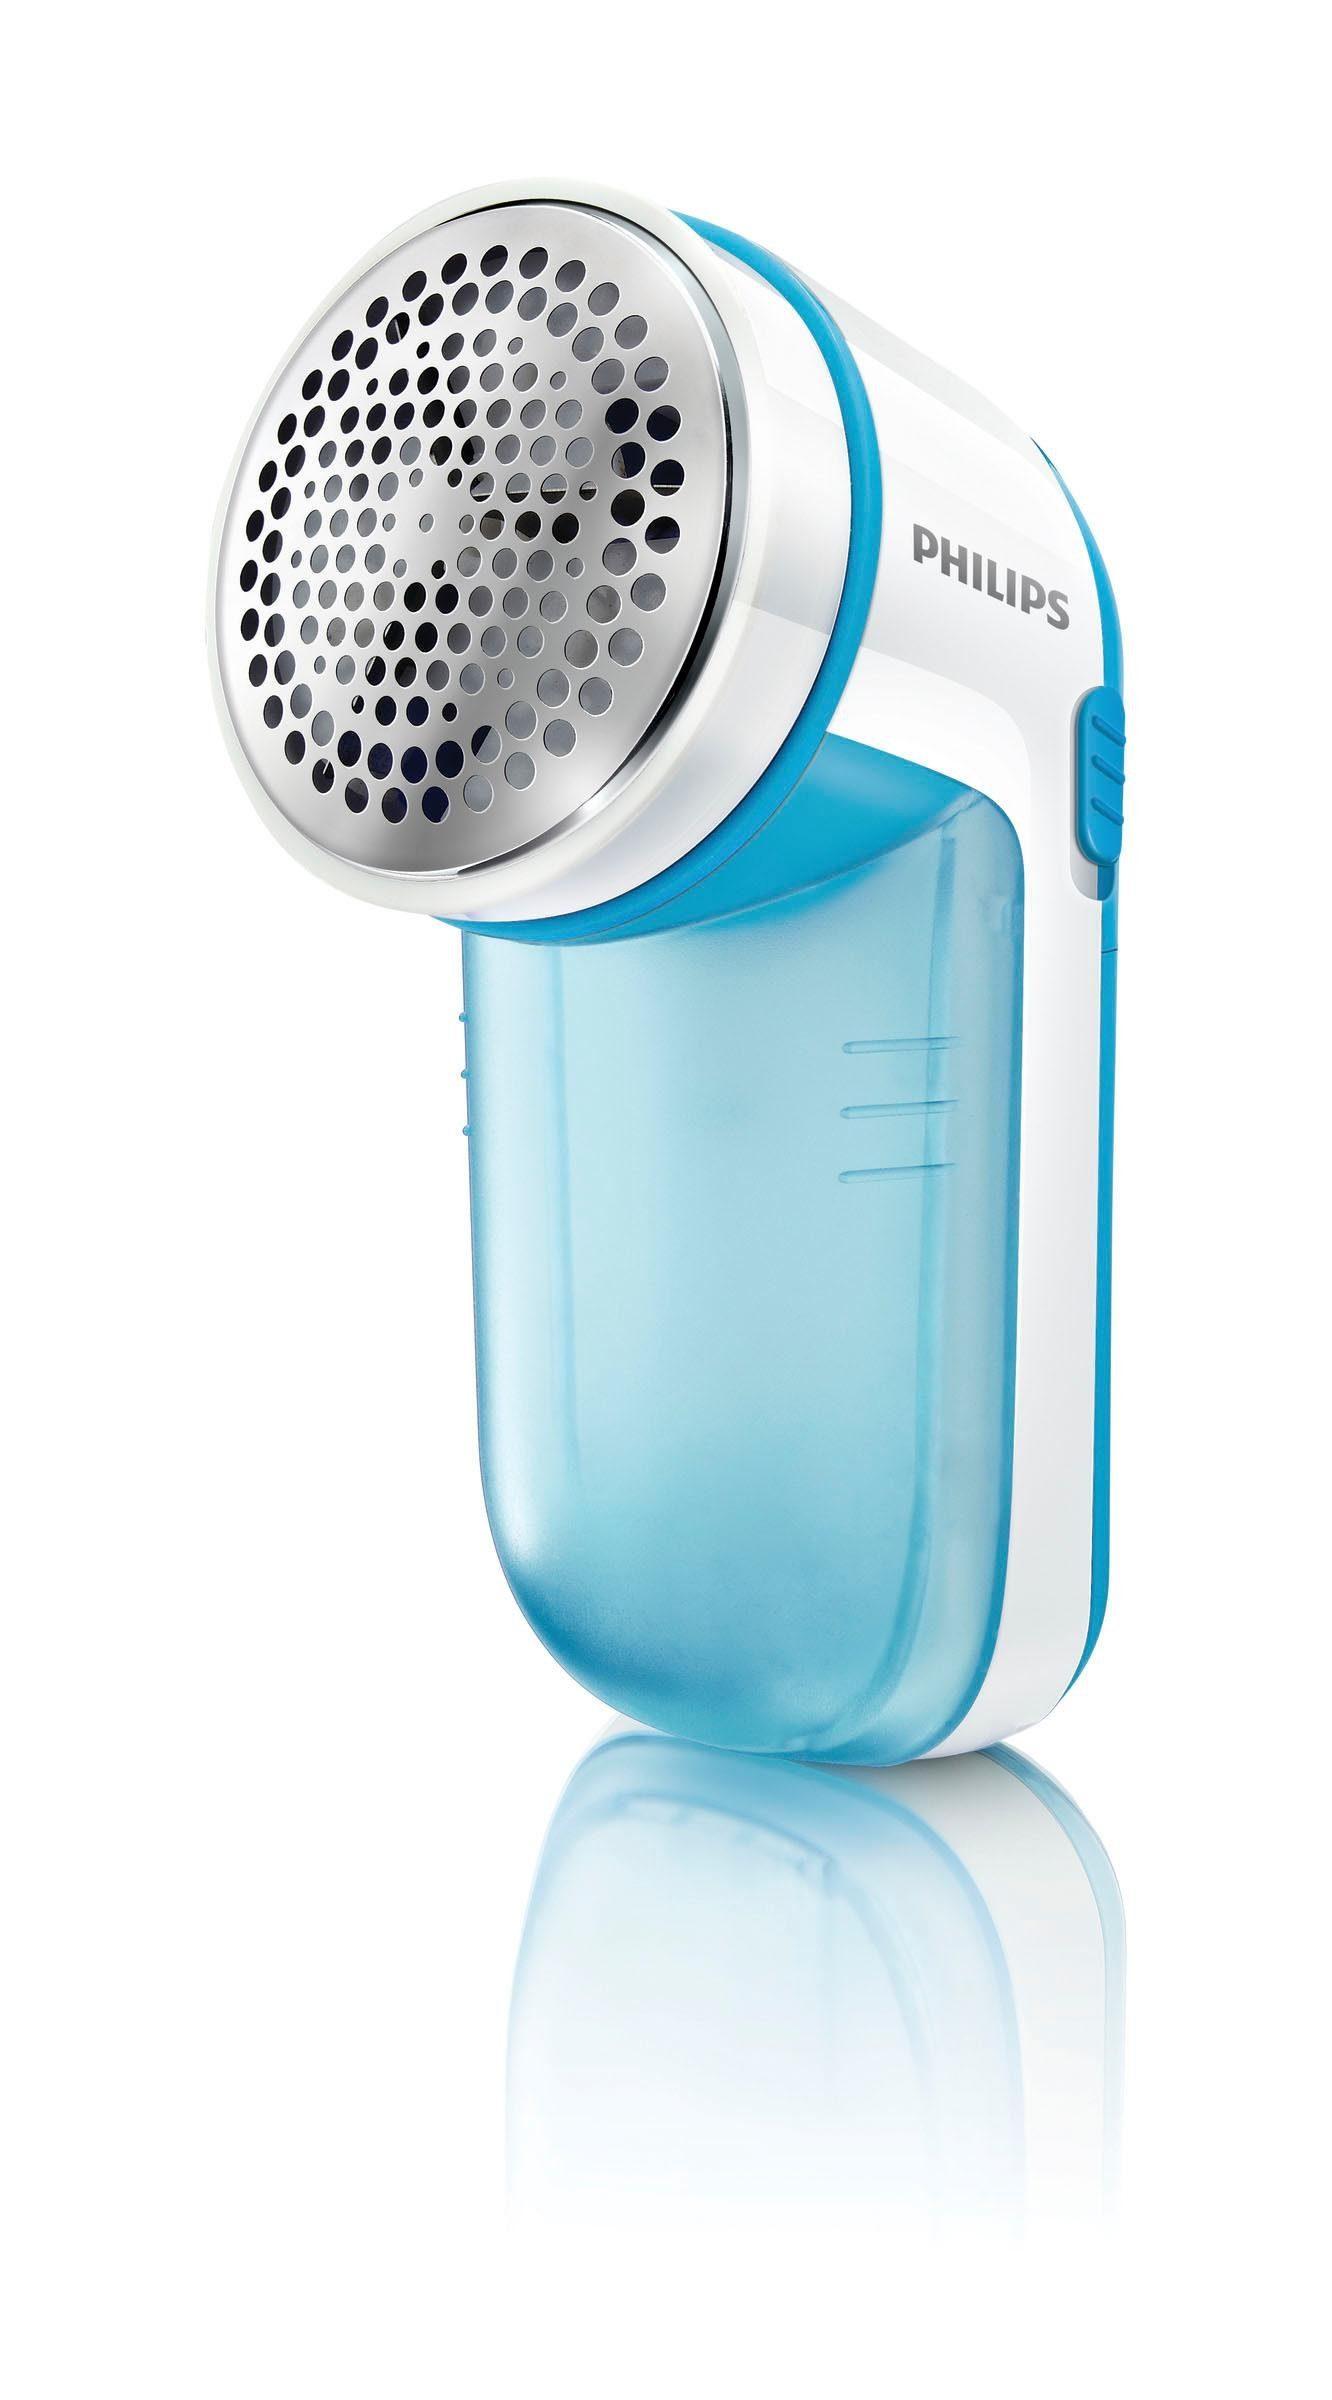 Philips Fusselrasierer GC026/00 batteriebetrieben, 2 Höheneinstellungen, türkis